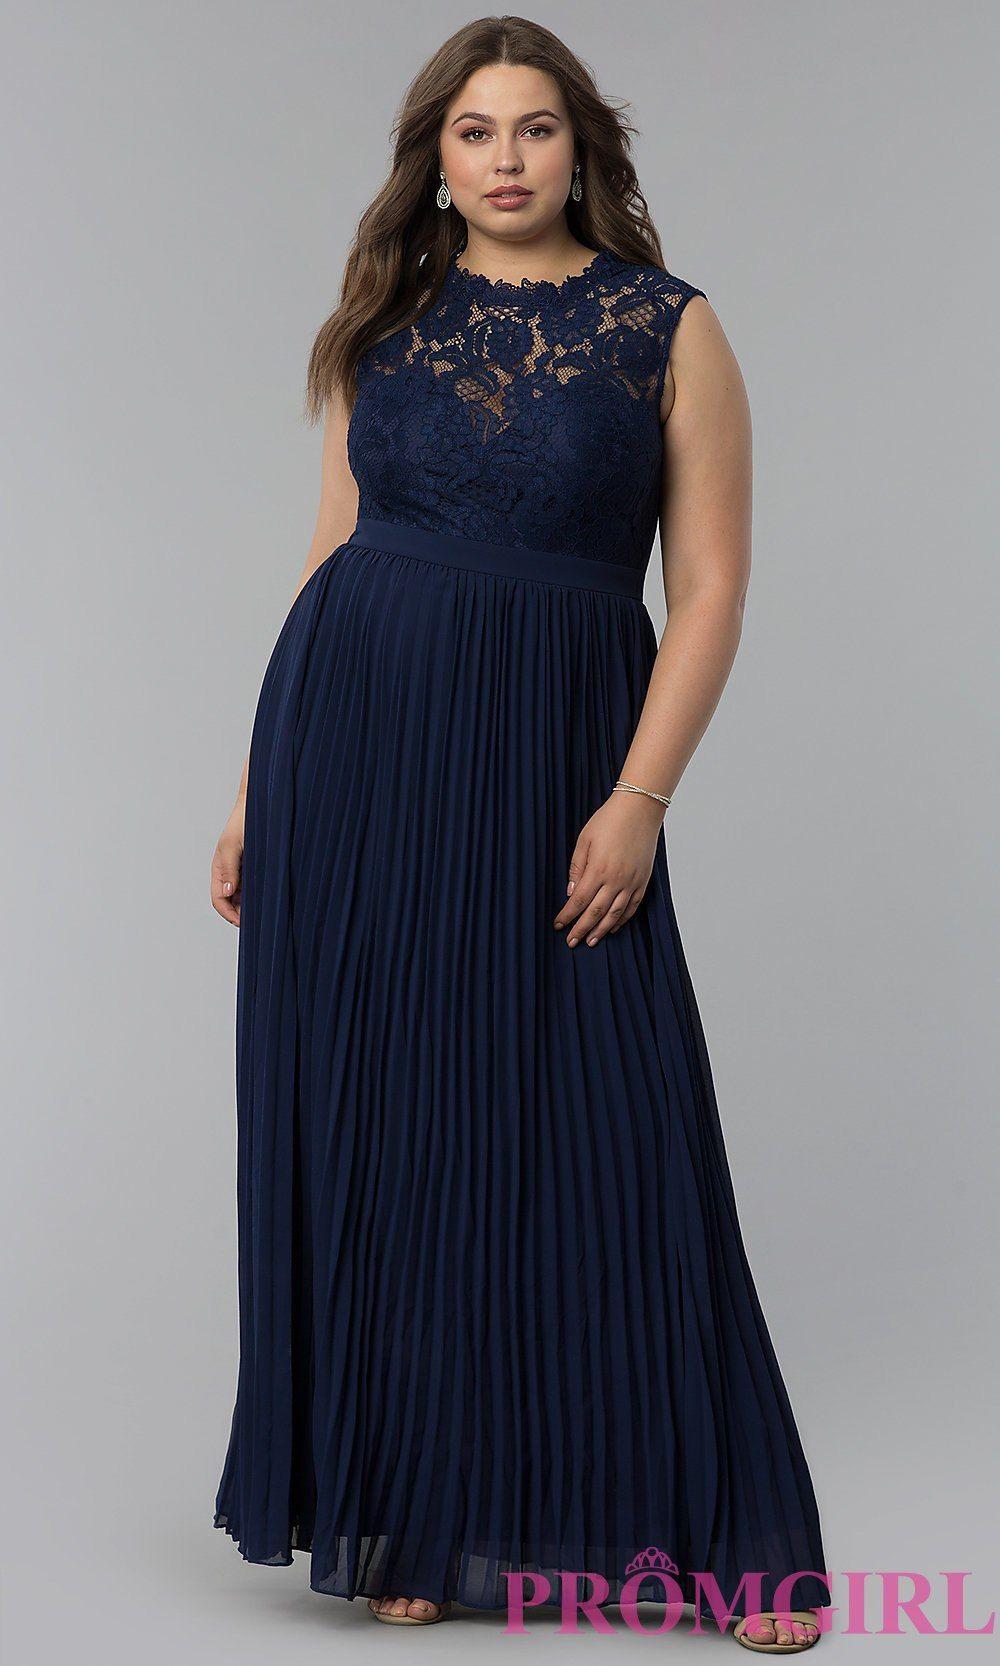 10 Genial Abendkleid In Übergröße für 2019Formal Kreativ Abendkleid In Übergröße Design